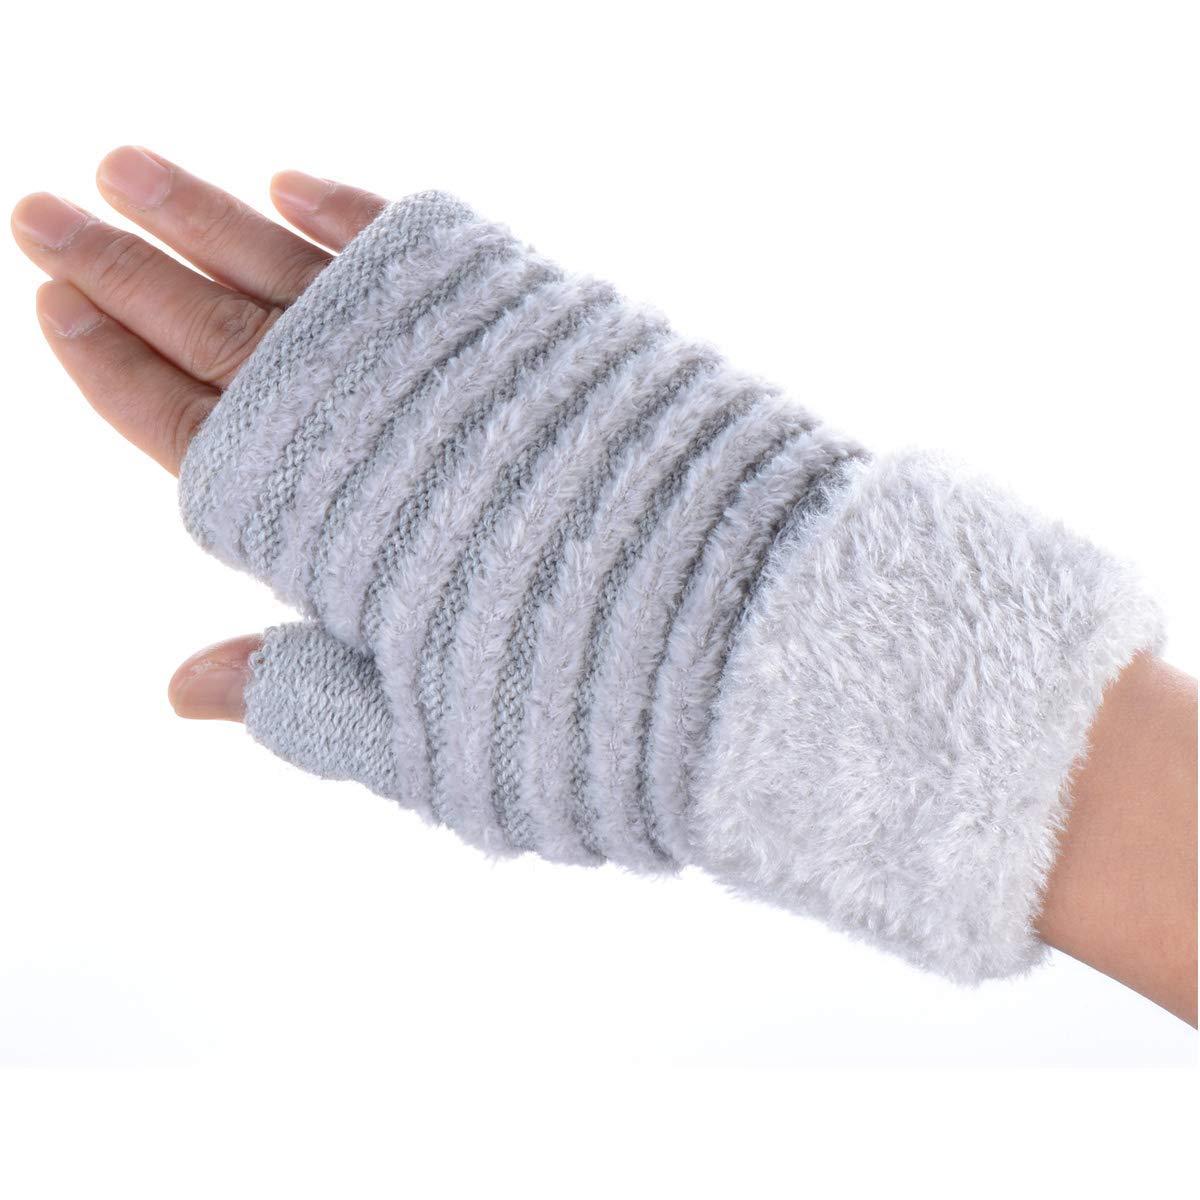 BYOS Women Winter Warm Soft Plush Faux Fur Fleece Lined Knit Fingerless Gloves W/Faux Fur Cuff, Many Styles